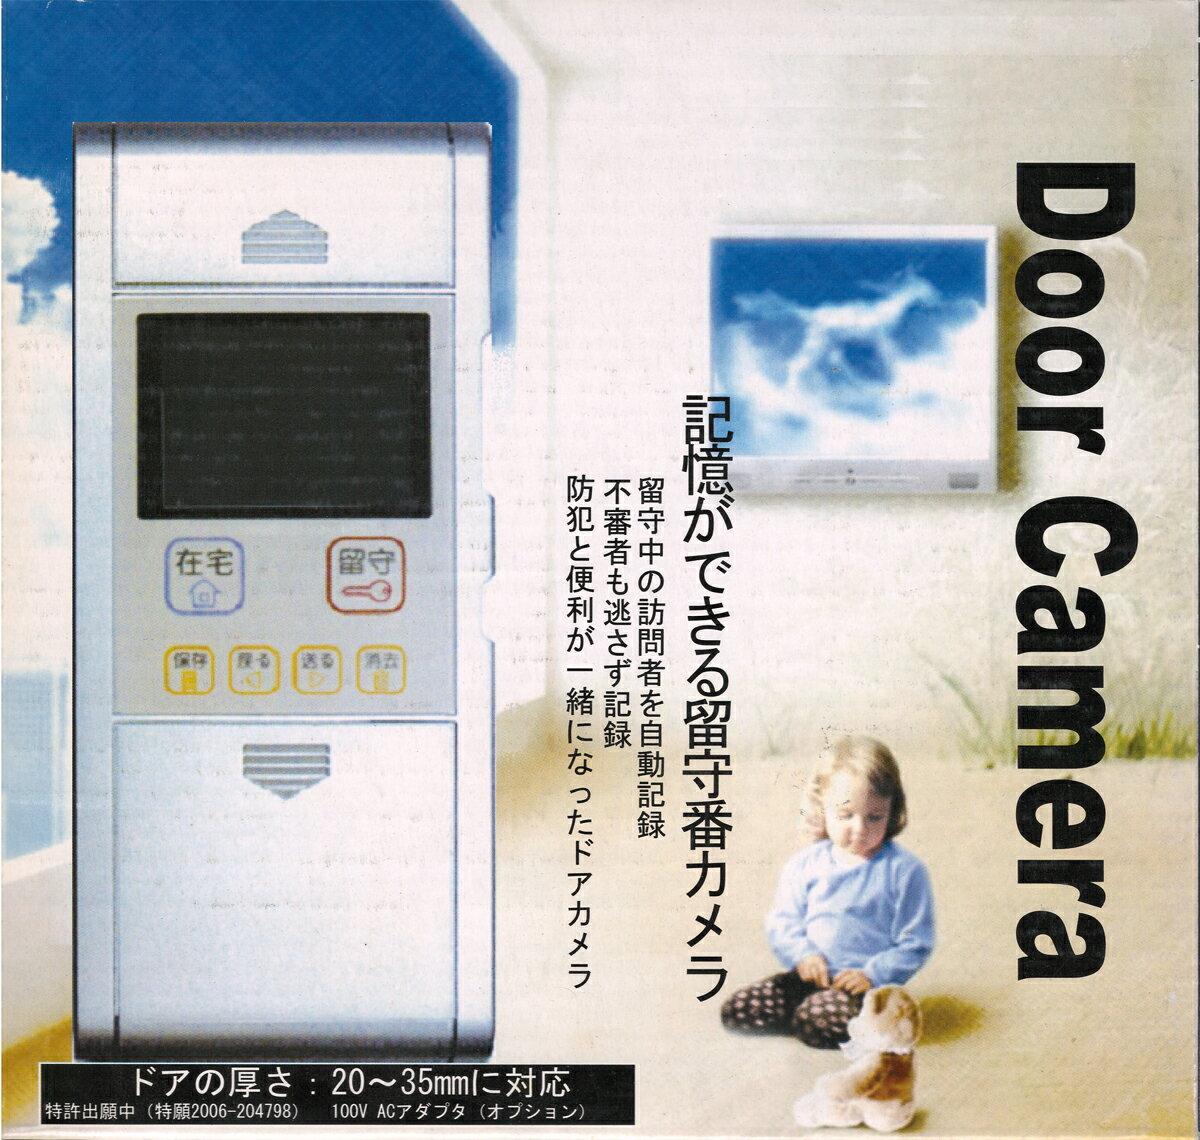 【在庫一掃セール】アドバンス・アルファ Door camera ドアカメラ 留守番カメラ 防犯カメラ 乾電池 SDカード【新品未使用箱痛み】